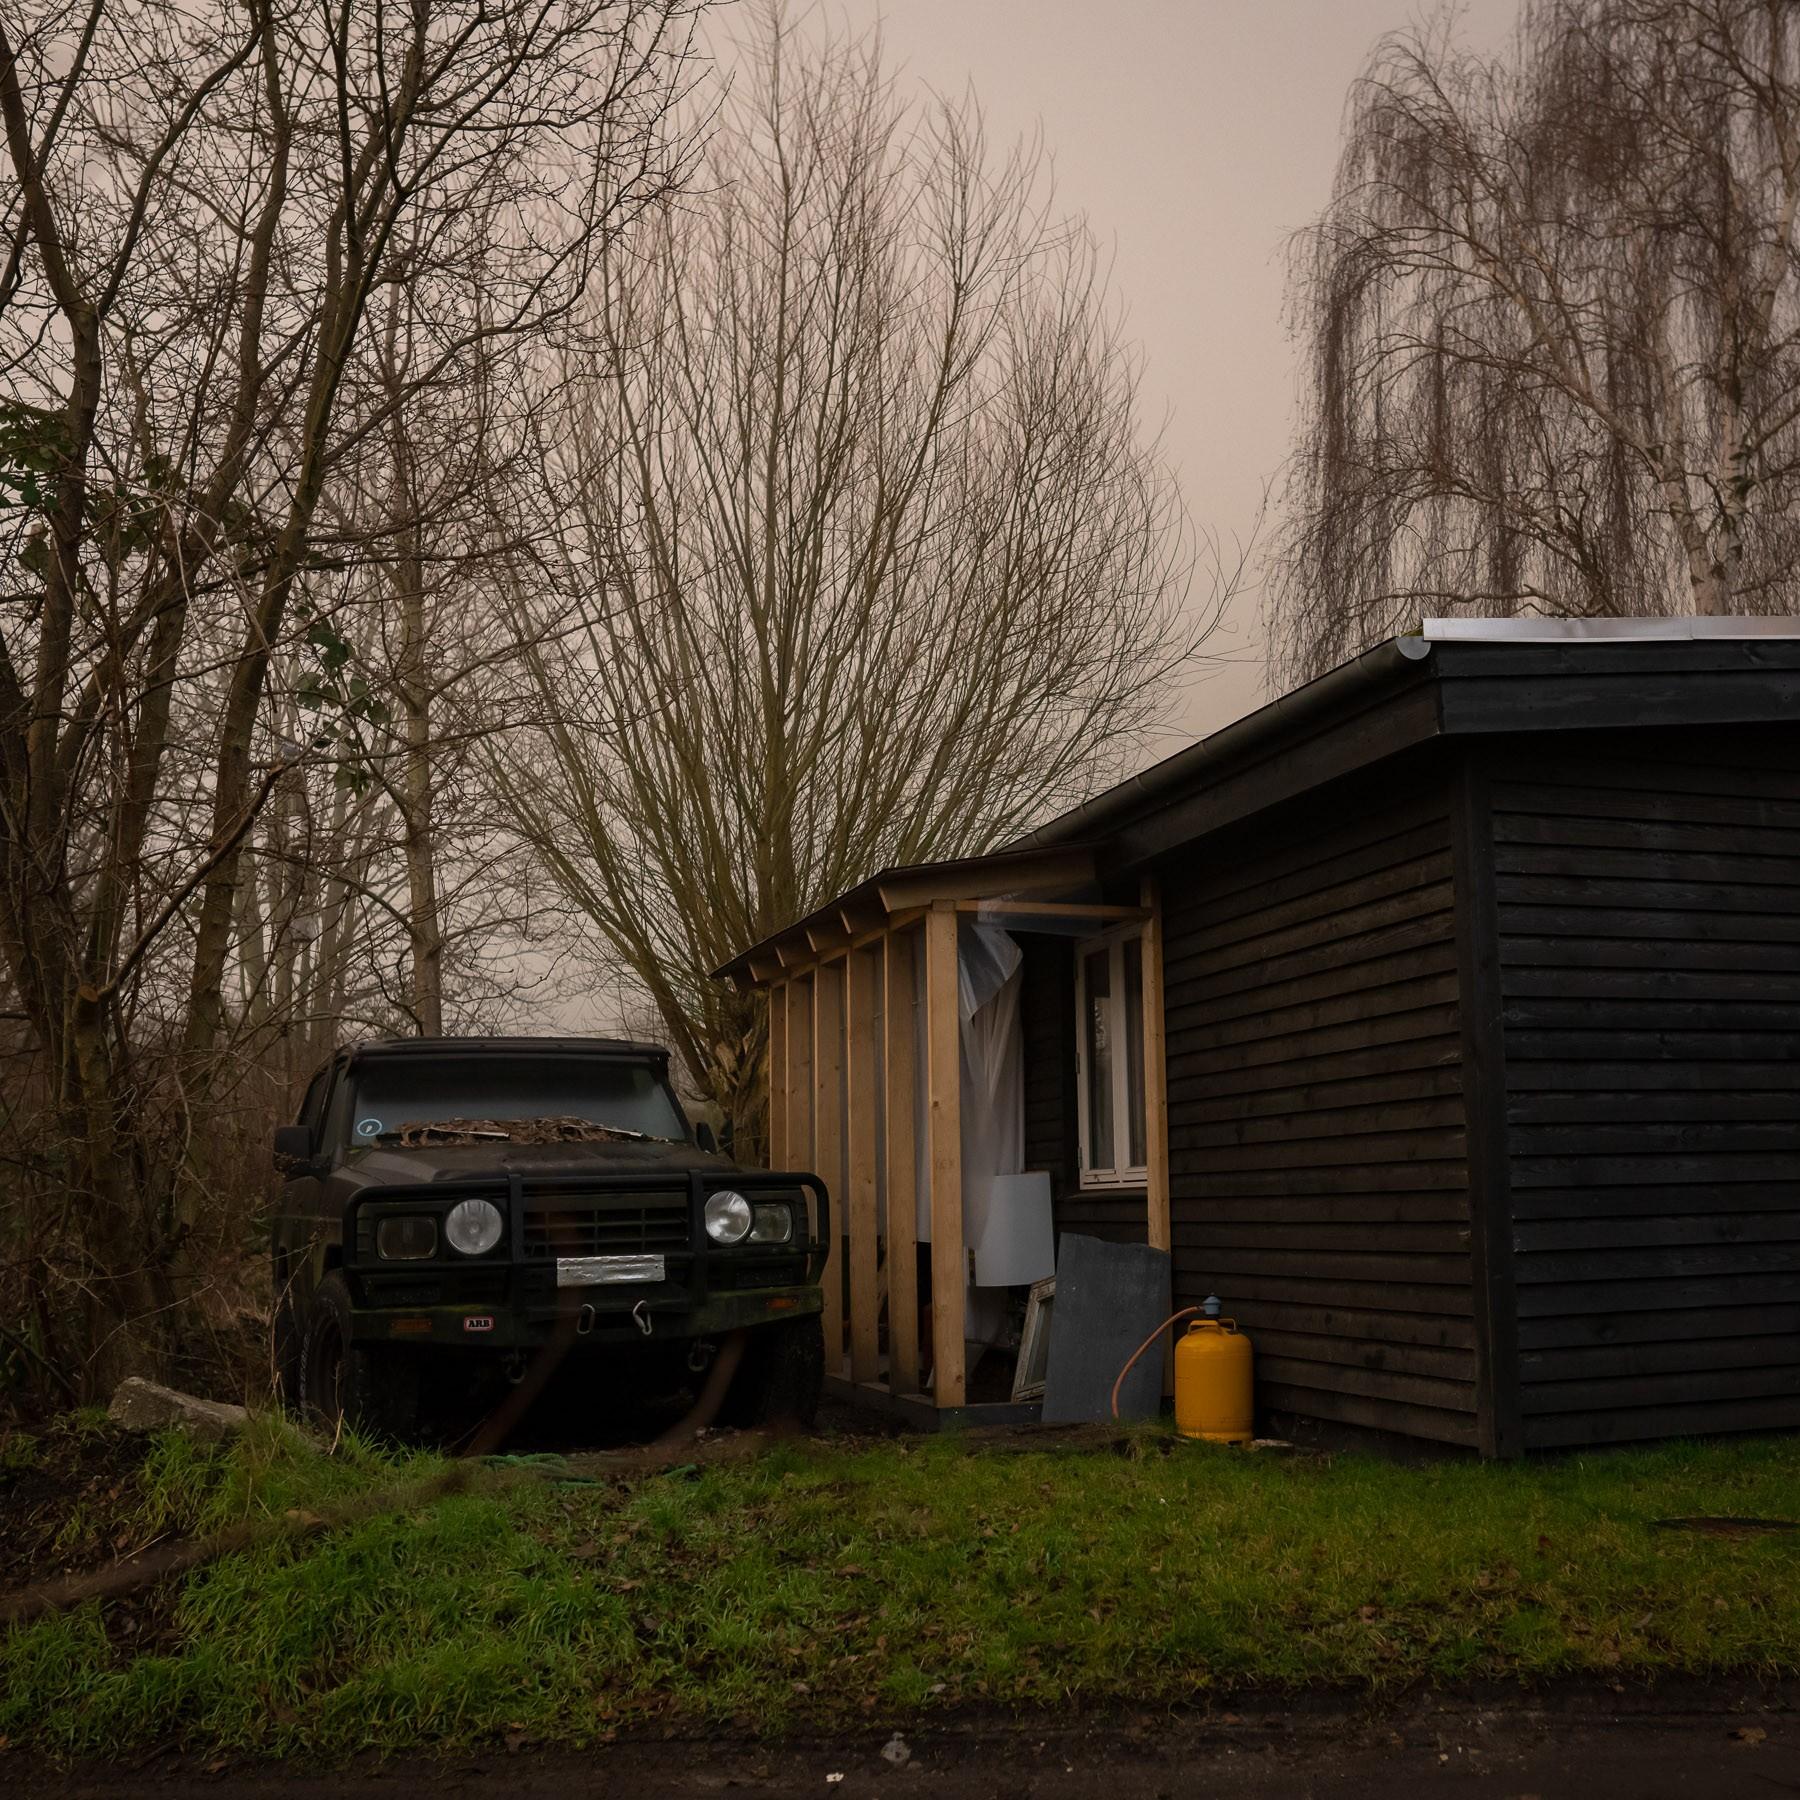 Hus under rekonstruktion samt gammel 4-hjulstrækker i indkørslen - Haveforeningen Nokken